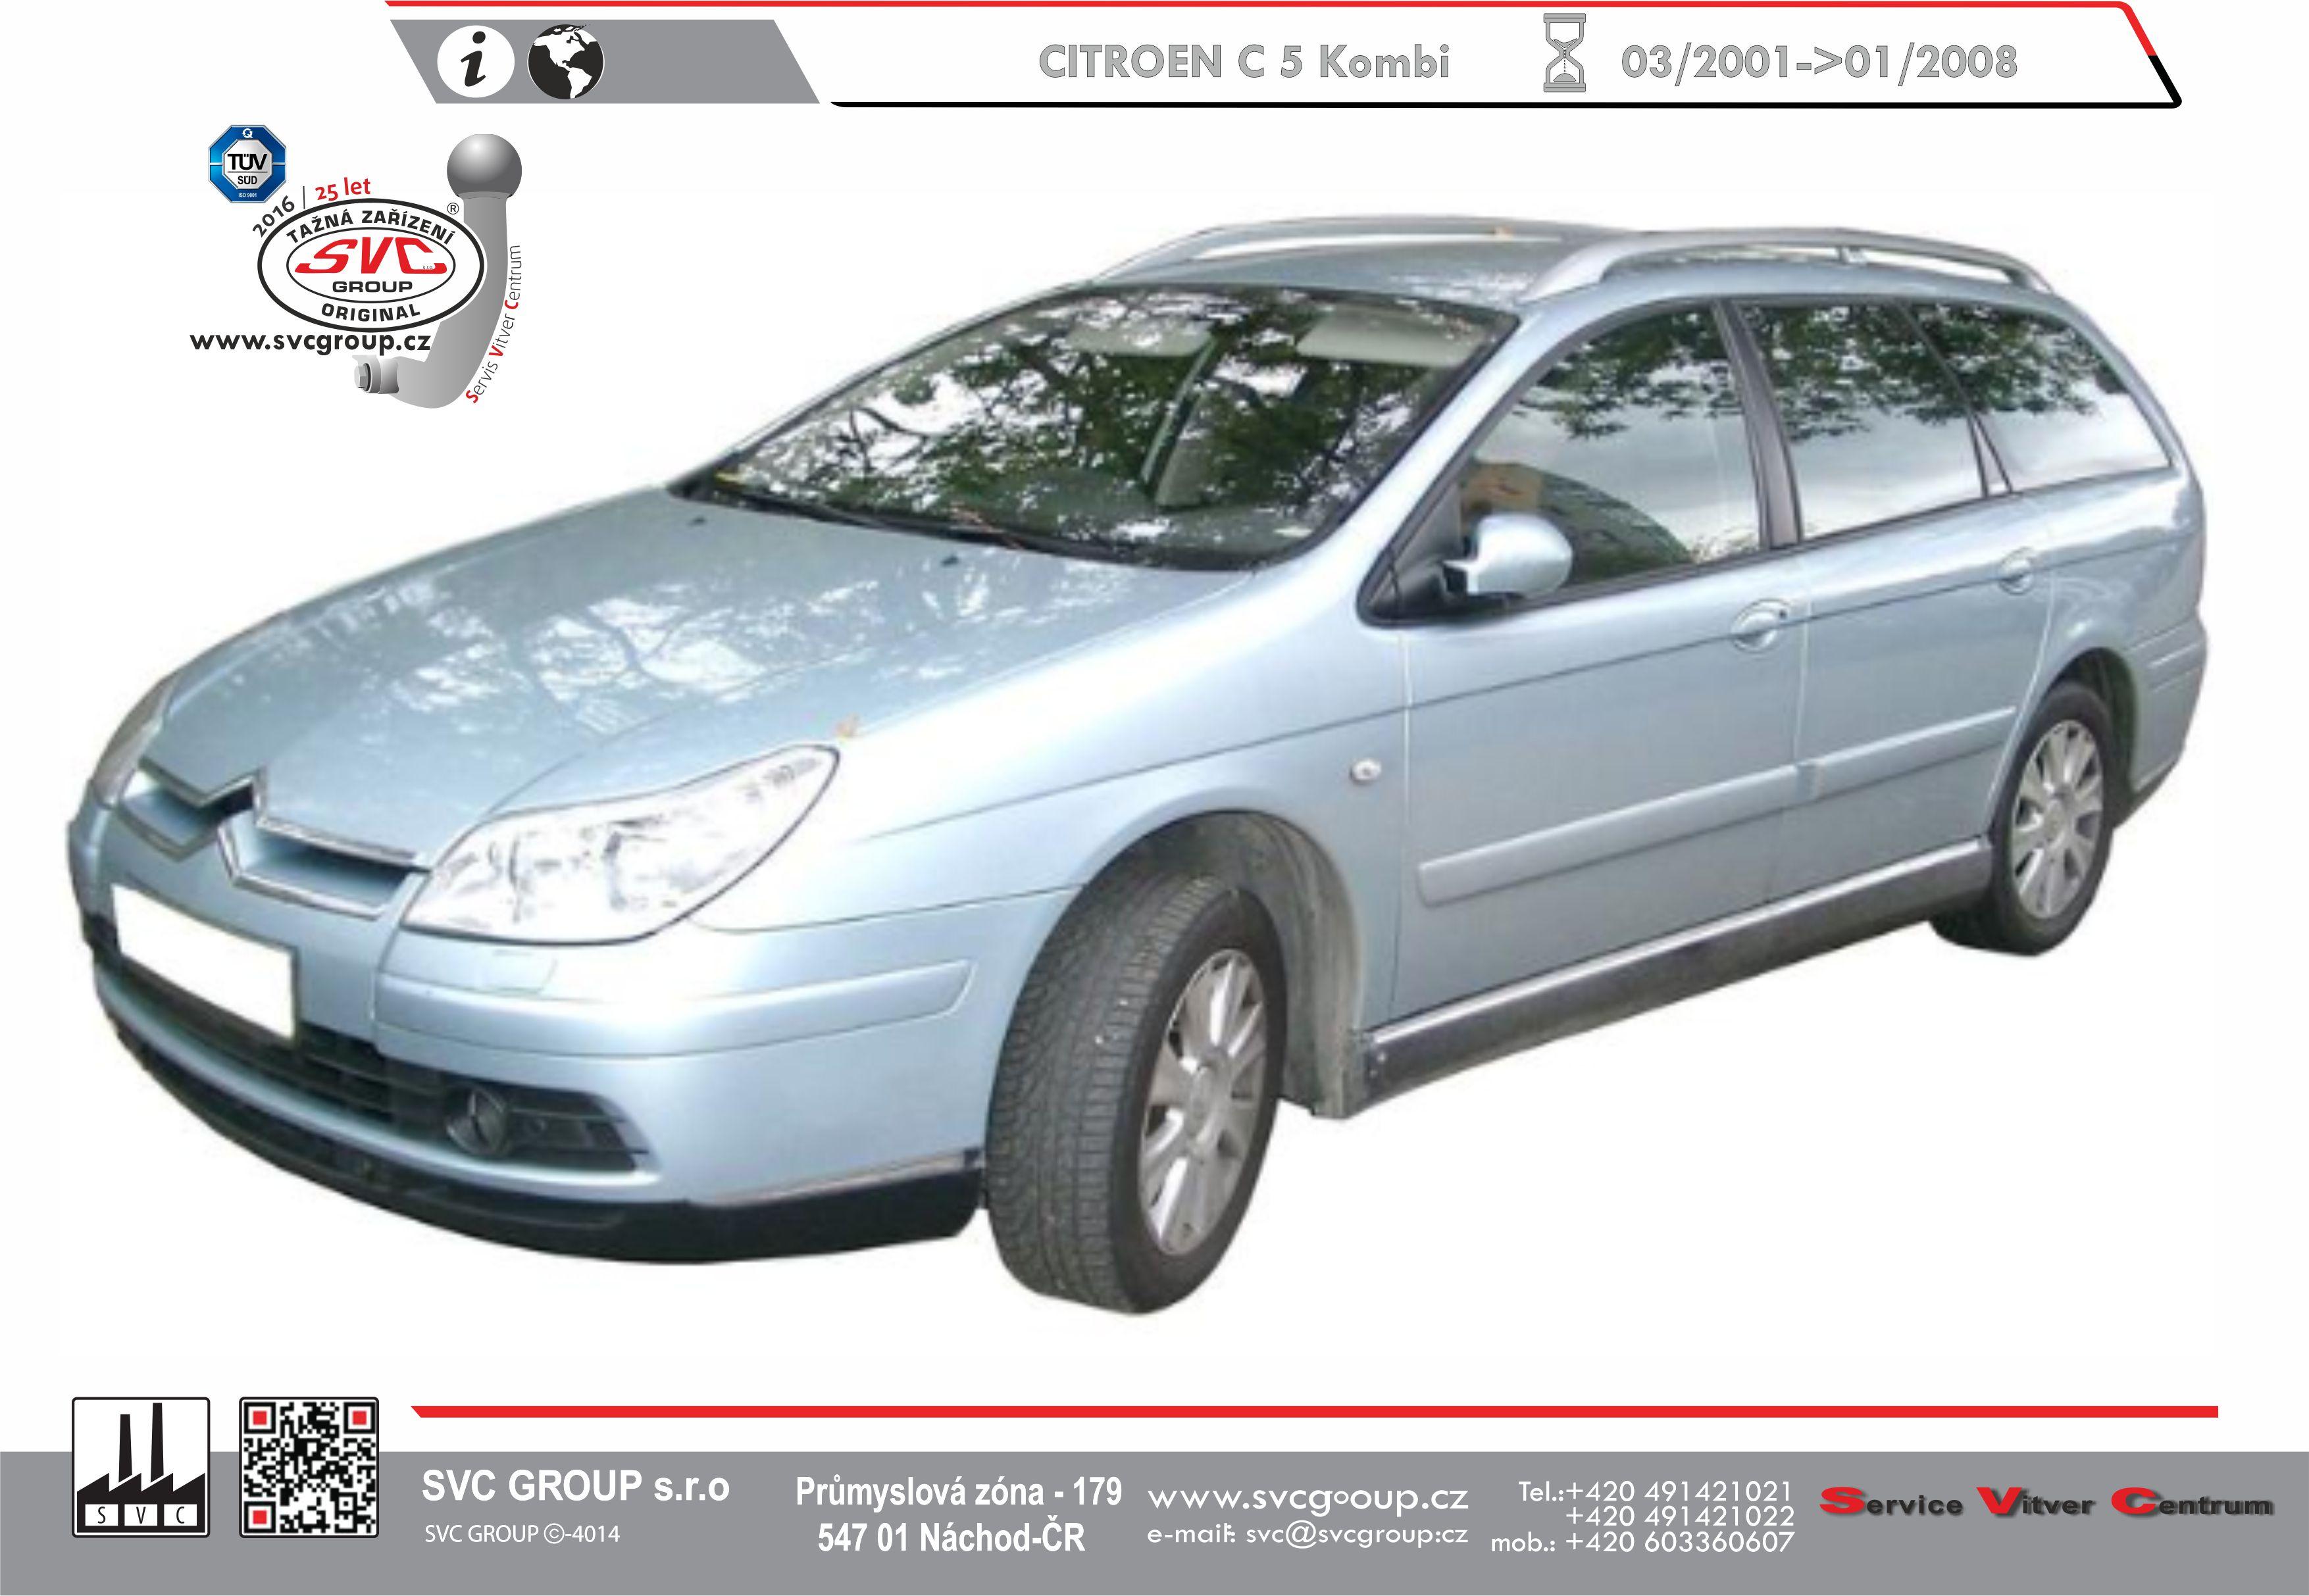 Citroën C5 Kombi